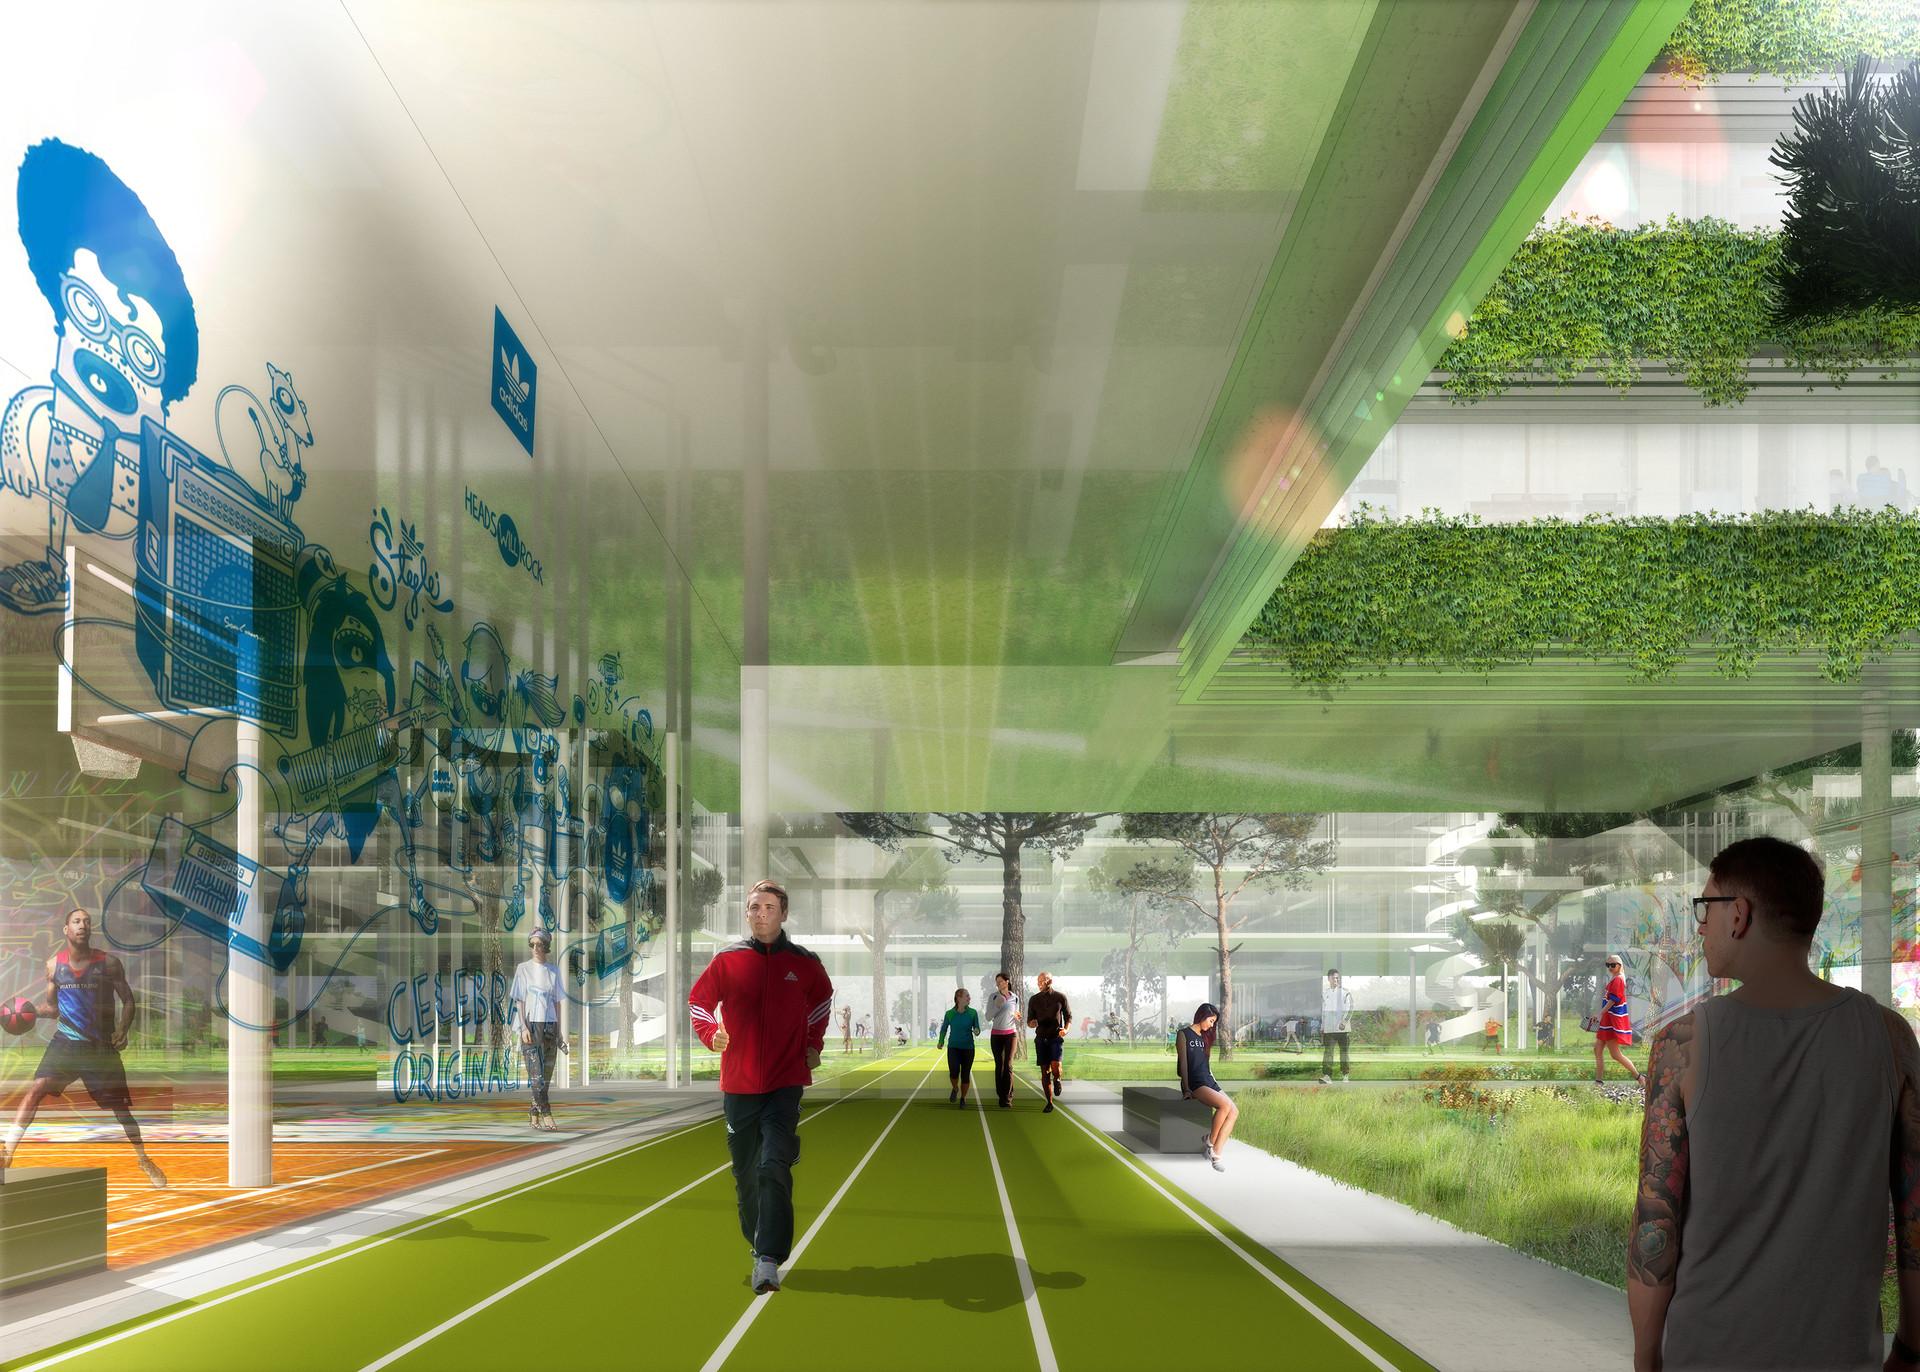 adidas campus Ben Dieckmann architects